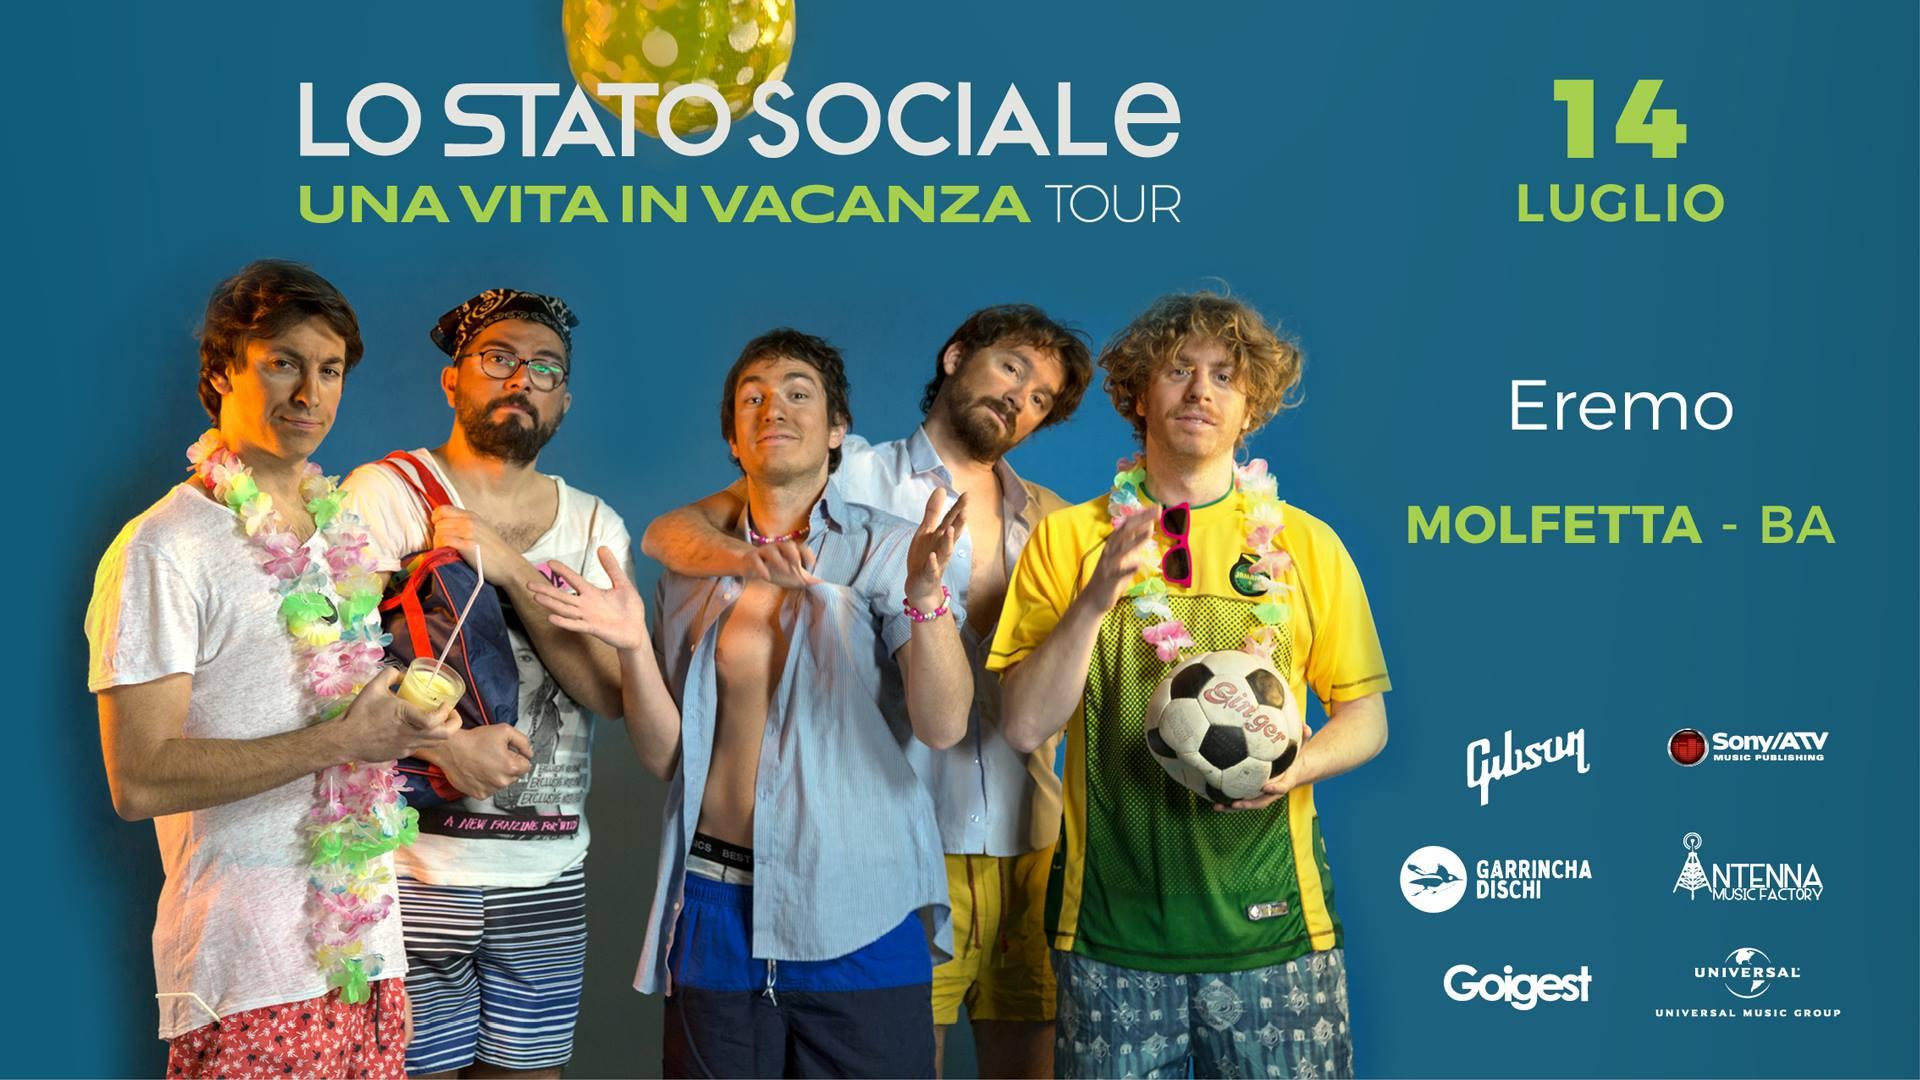 lo stato sociale una vita in vacanza tour 2018 molfetta eremo club